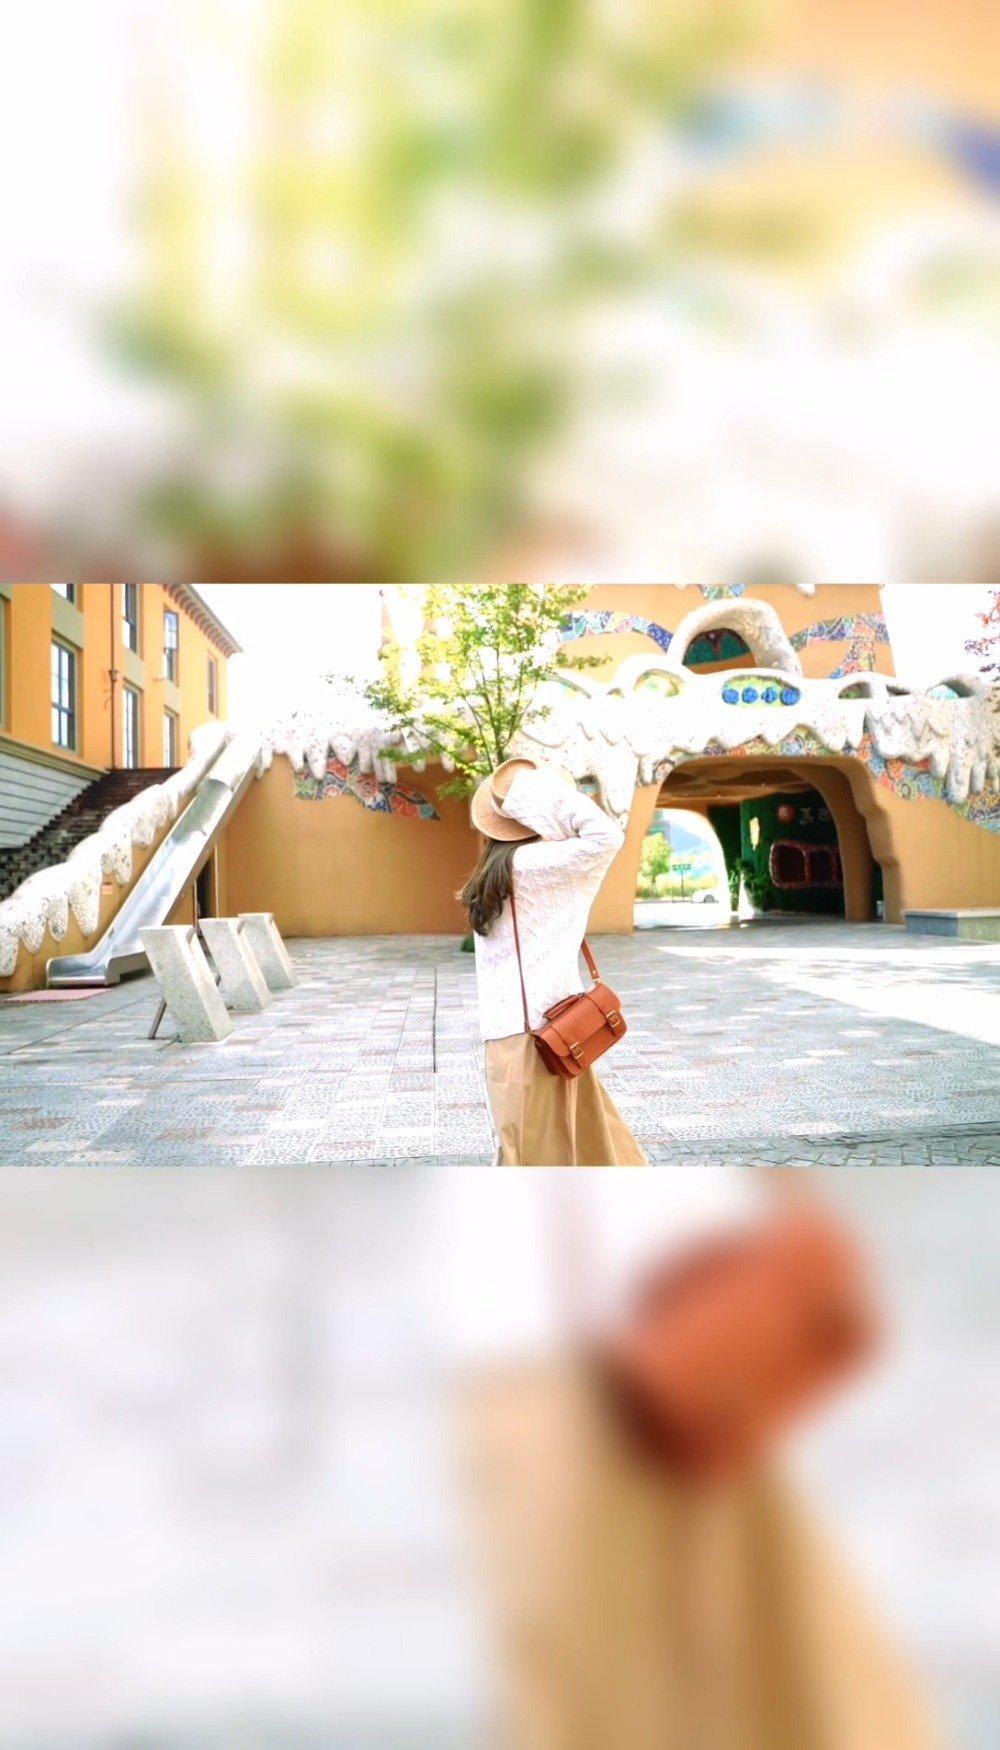 千岛湖啤酒小镇——啤酒博物院、燃擎赛车、热气球、醉美风光